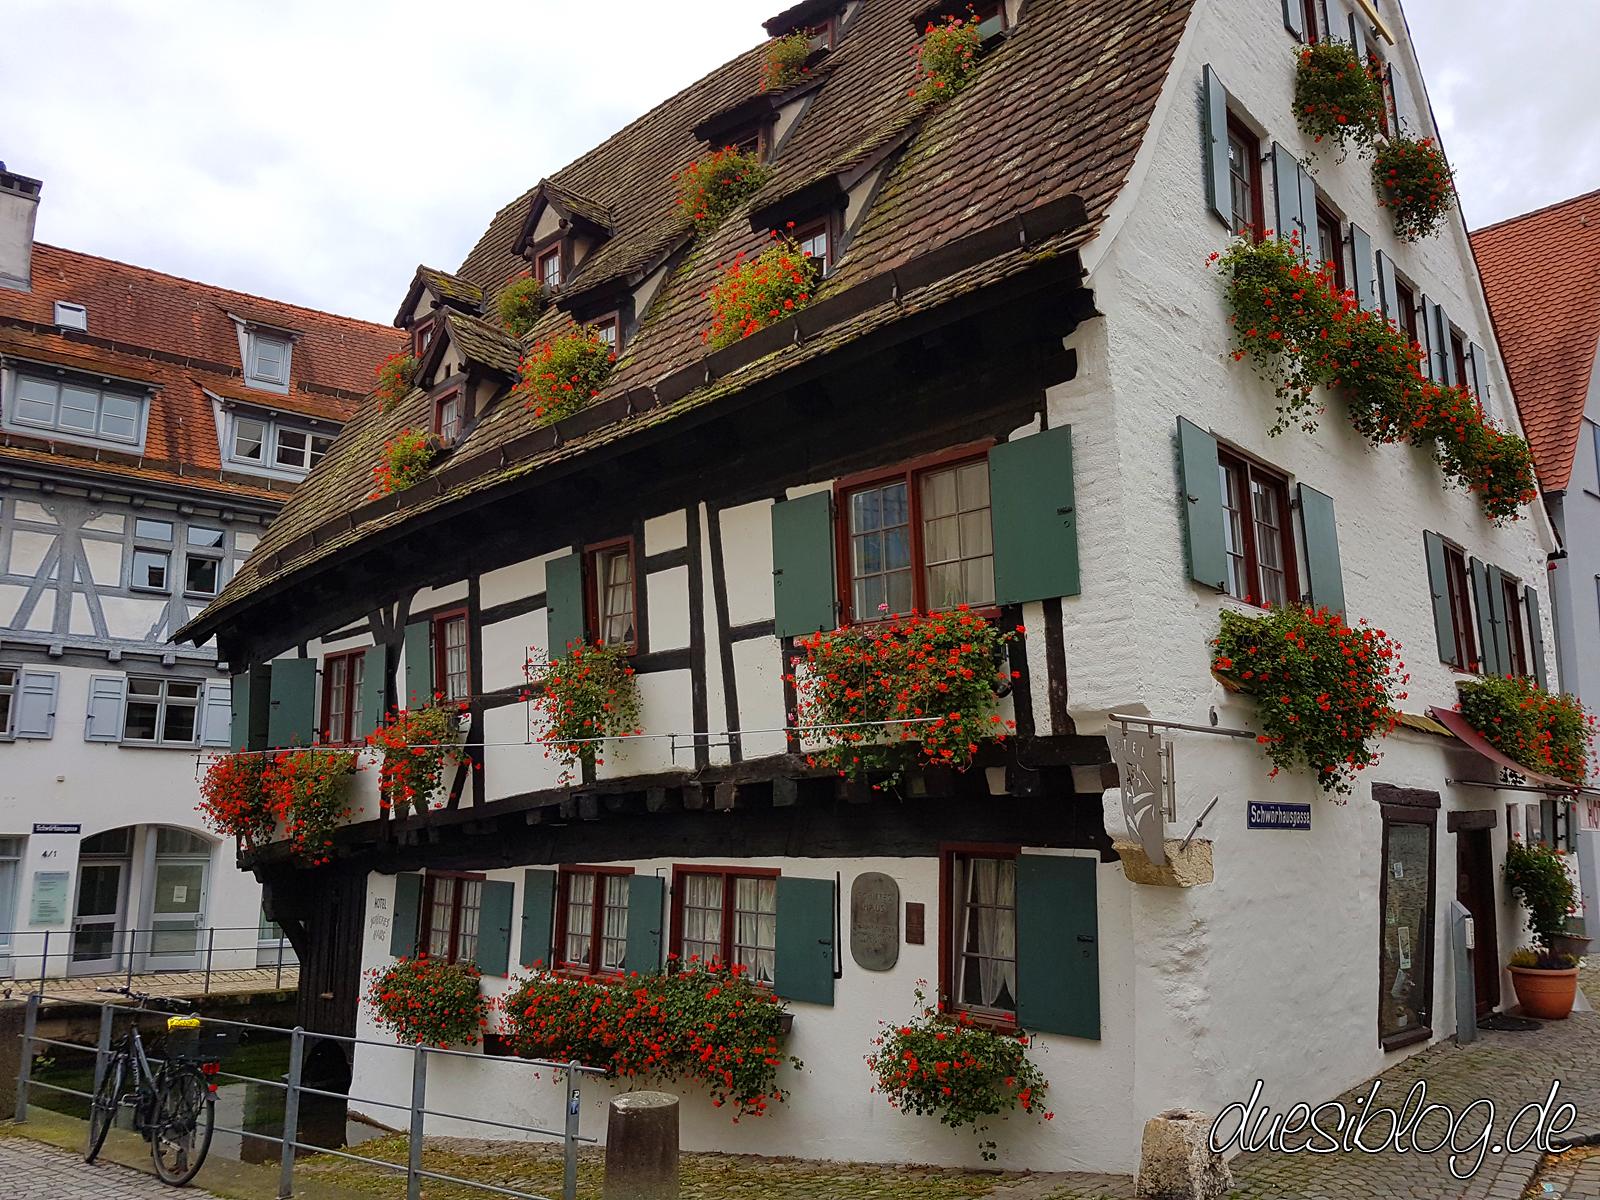 Ulm Fischerviertel travelblog duesiblog 02